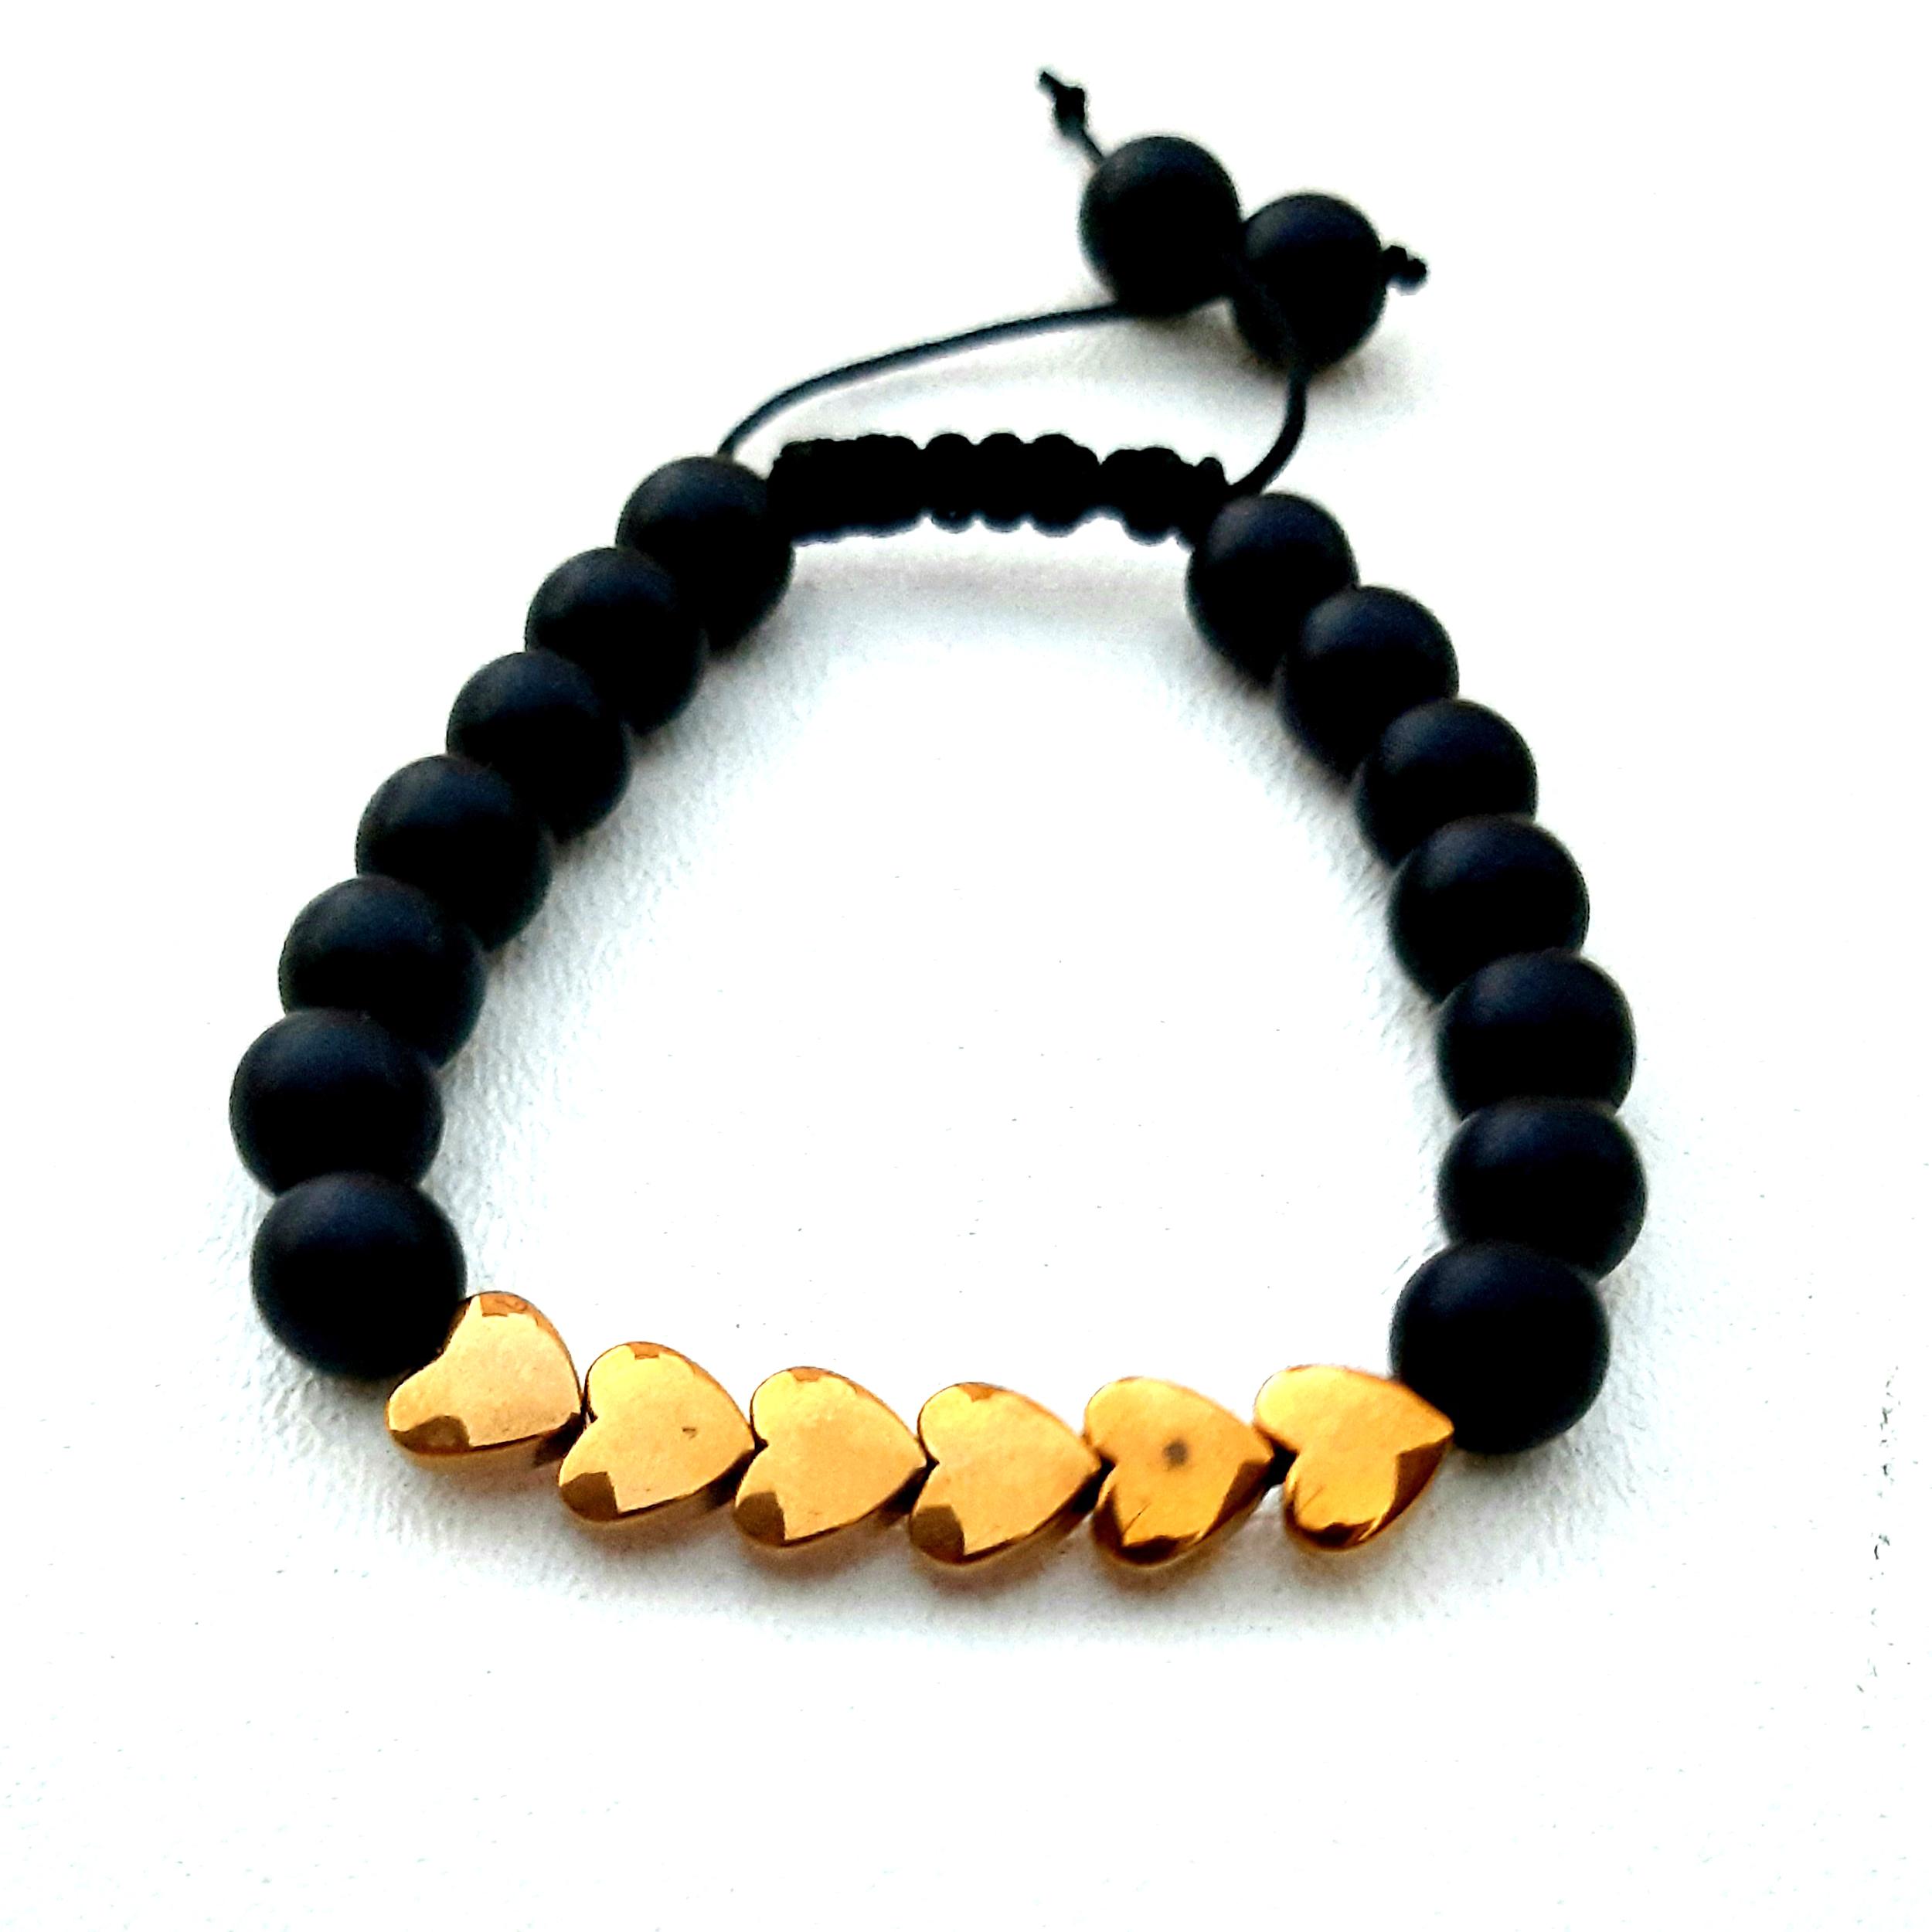 دستبند دخترانه طرح قلب کد 1044